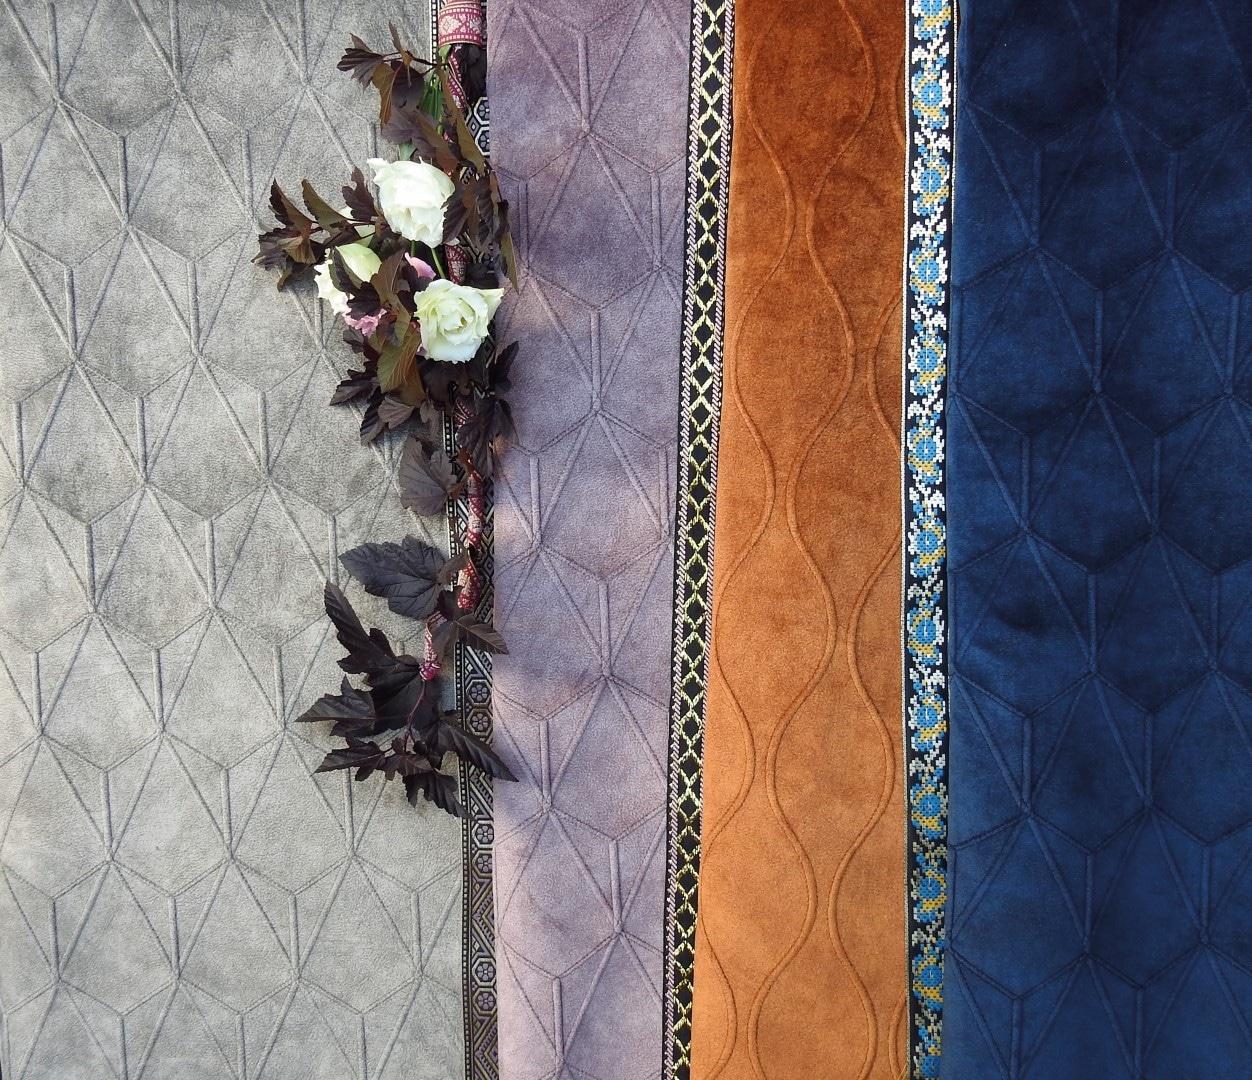 Farb und Musterbeispiele mit Blumen Dekor